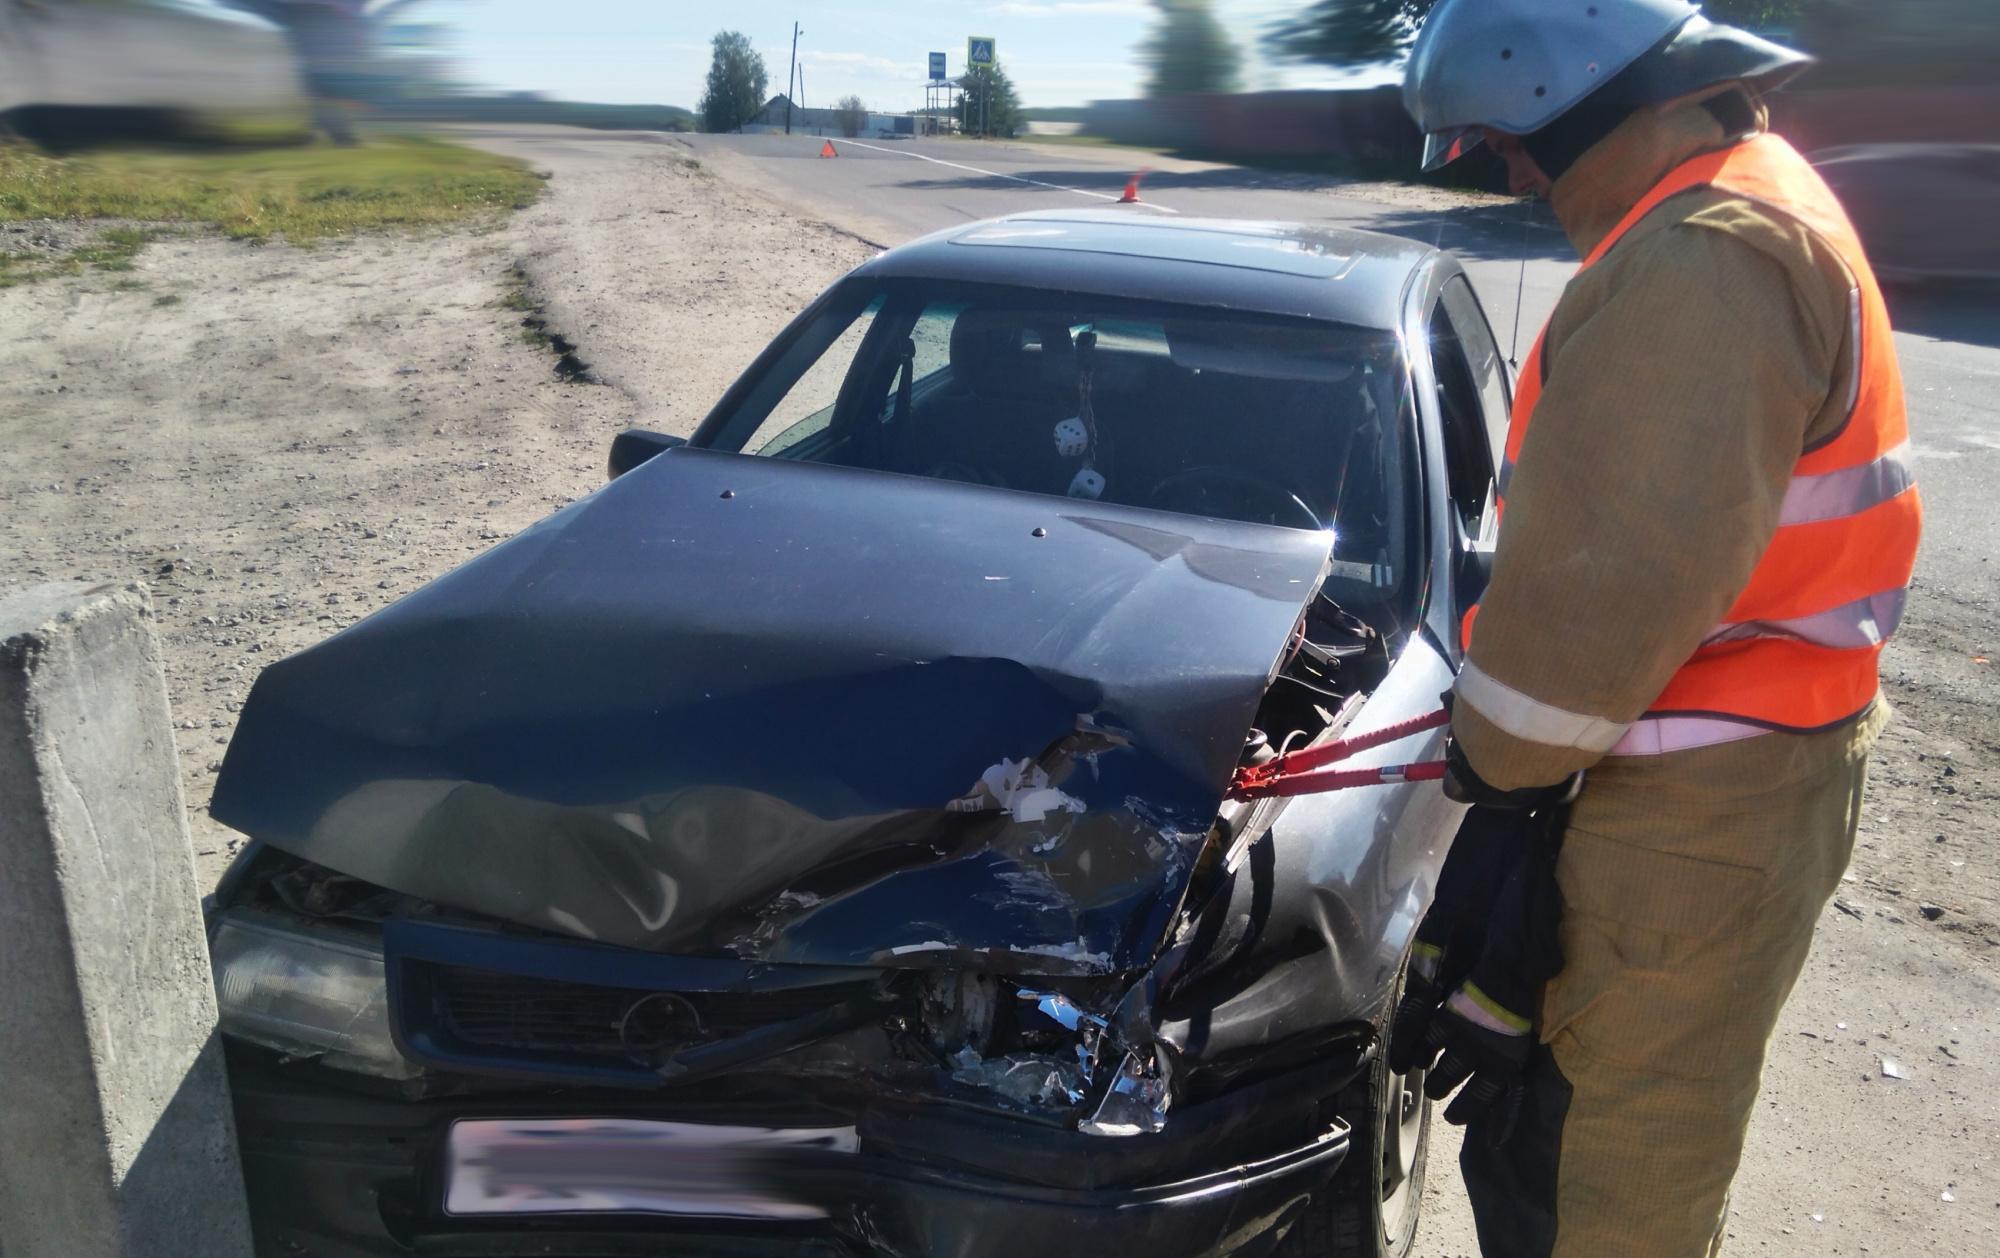 Пожарно-спасательное подразделение привлекалось для ликвидации ДТП в Медвежьегорском районе.